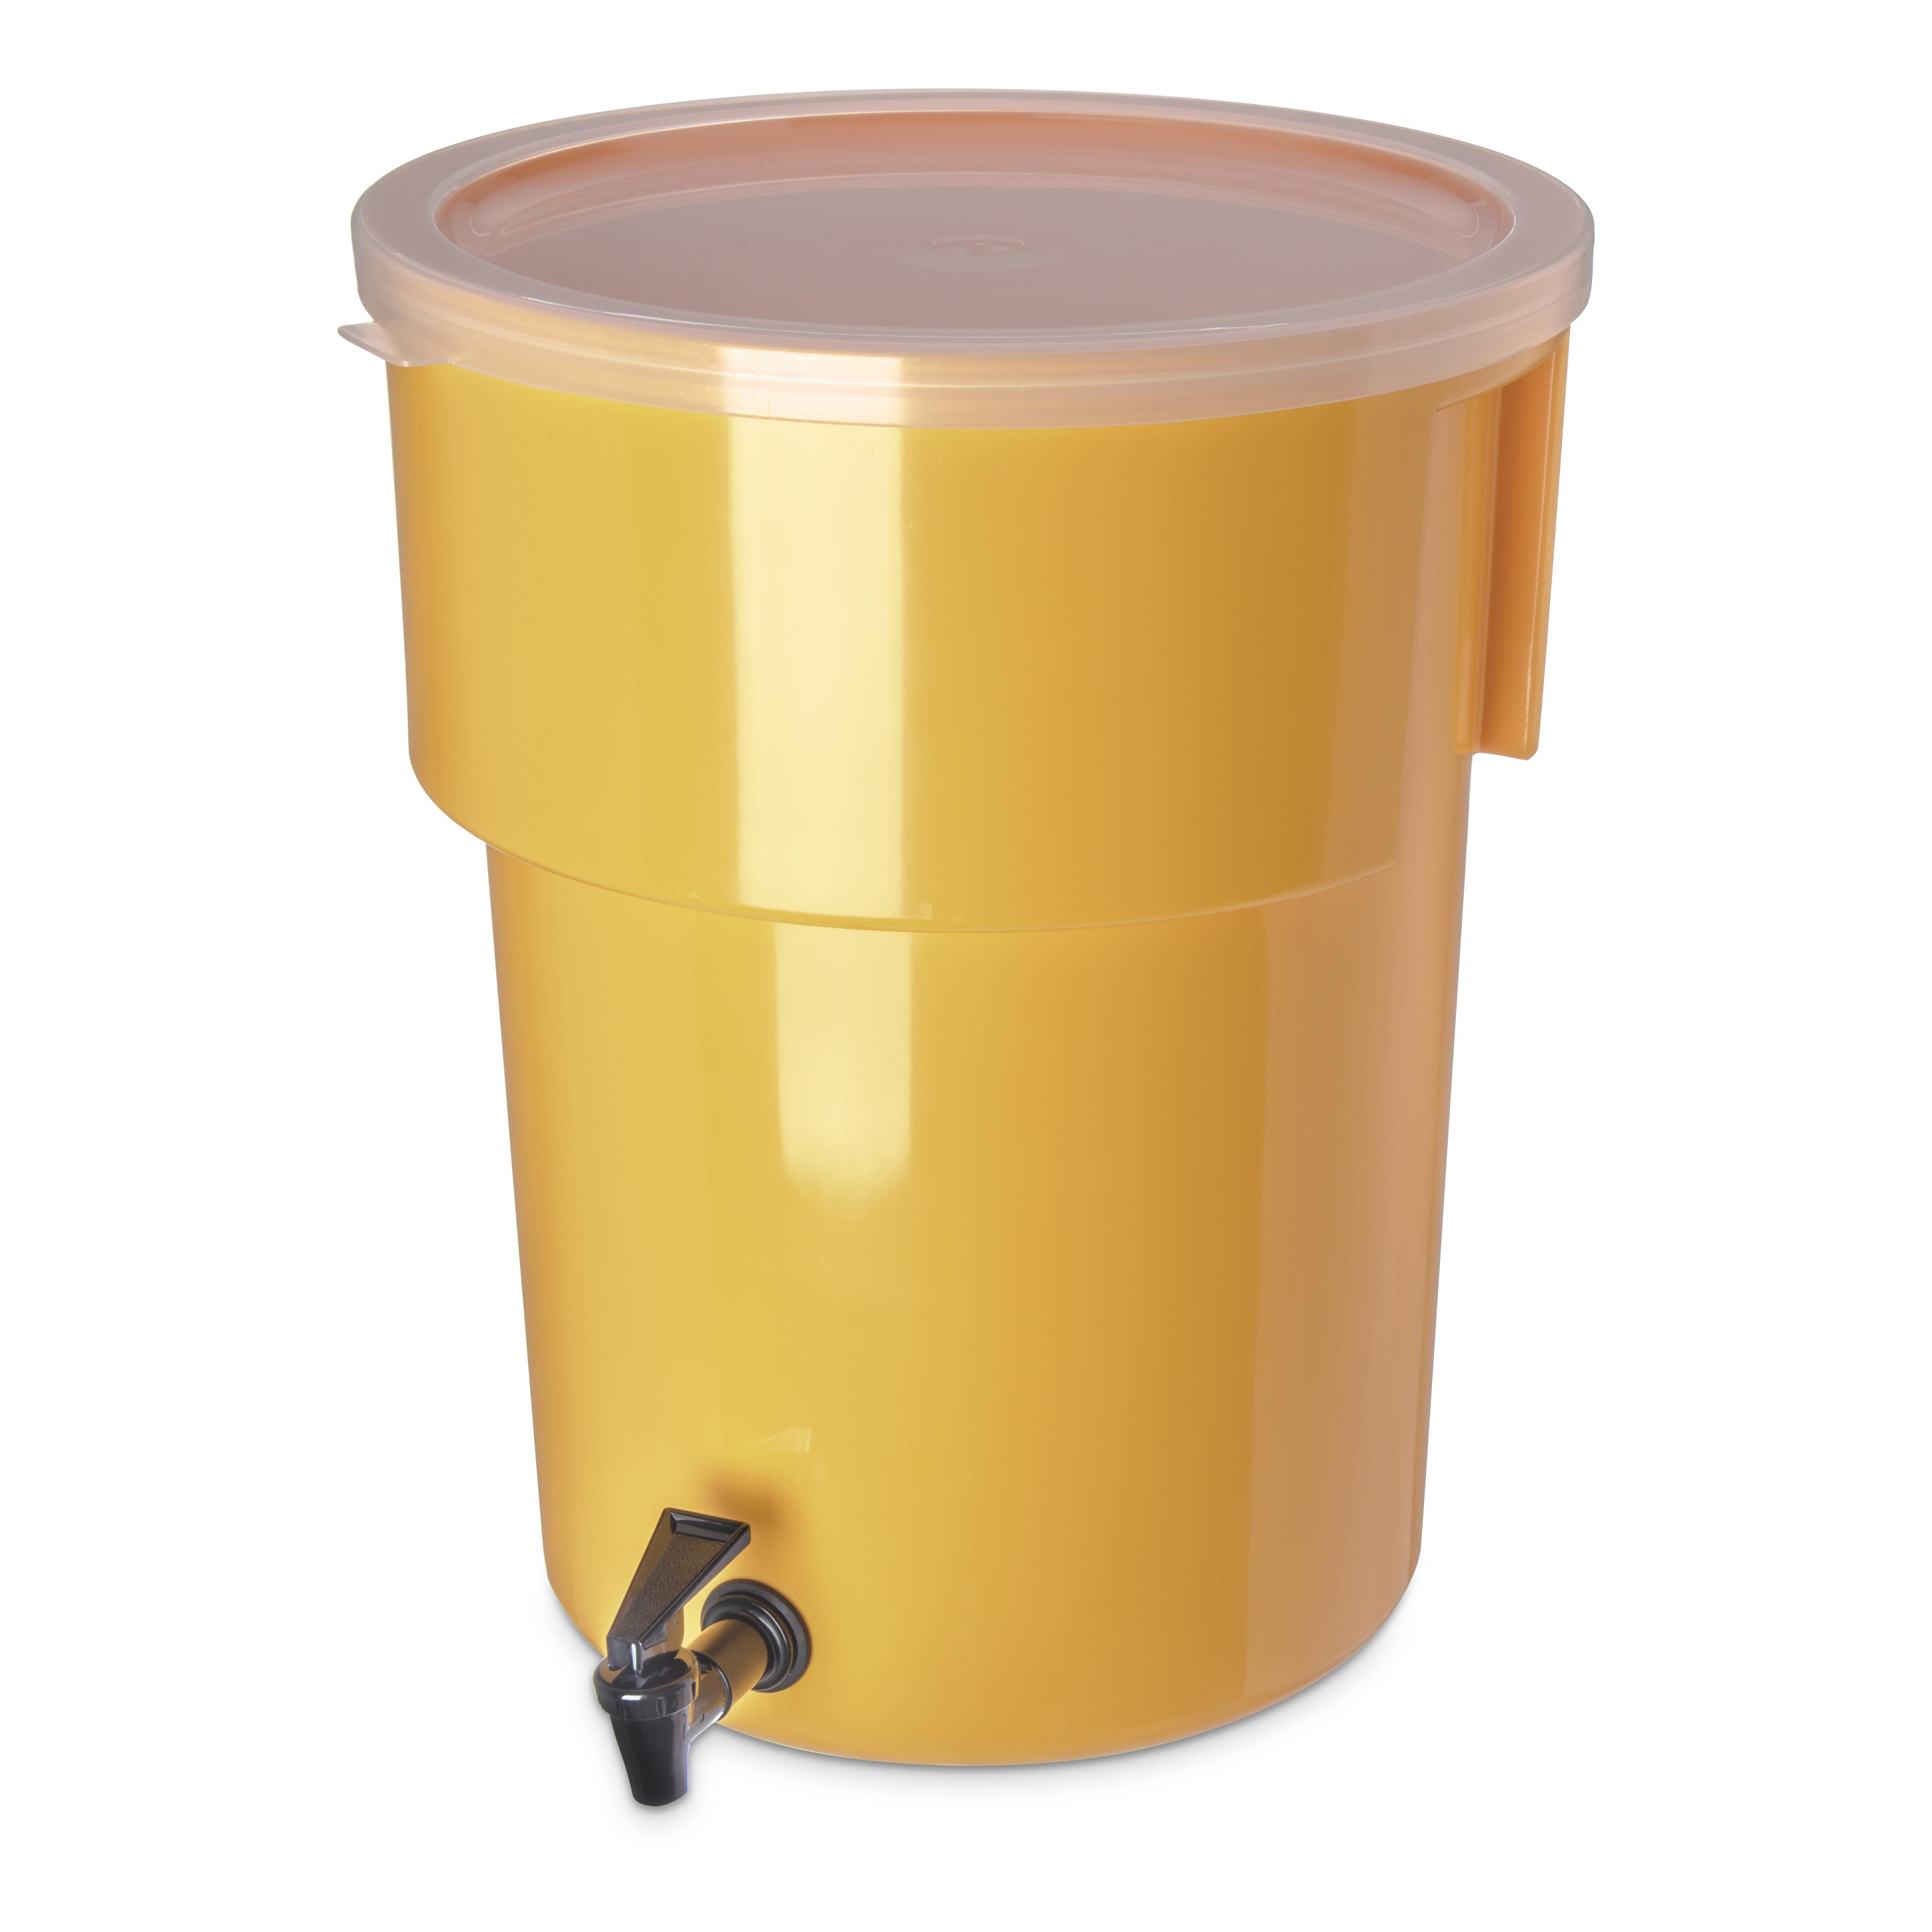 Carlisle 221004 beverage dispenser, non-insulated